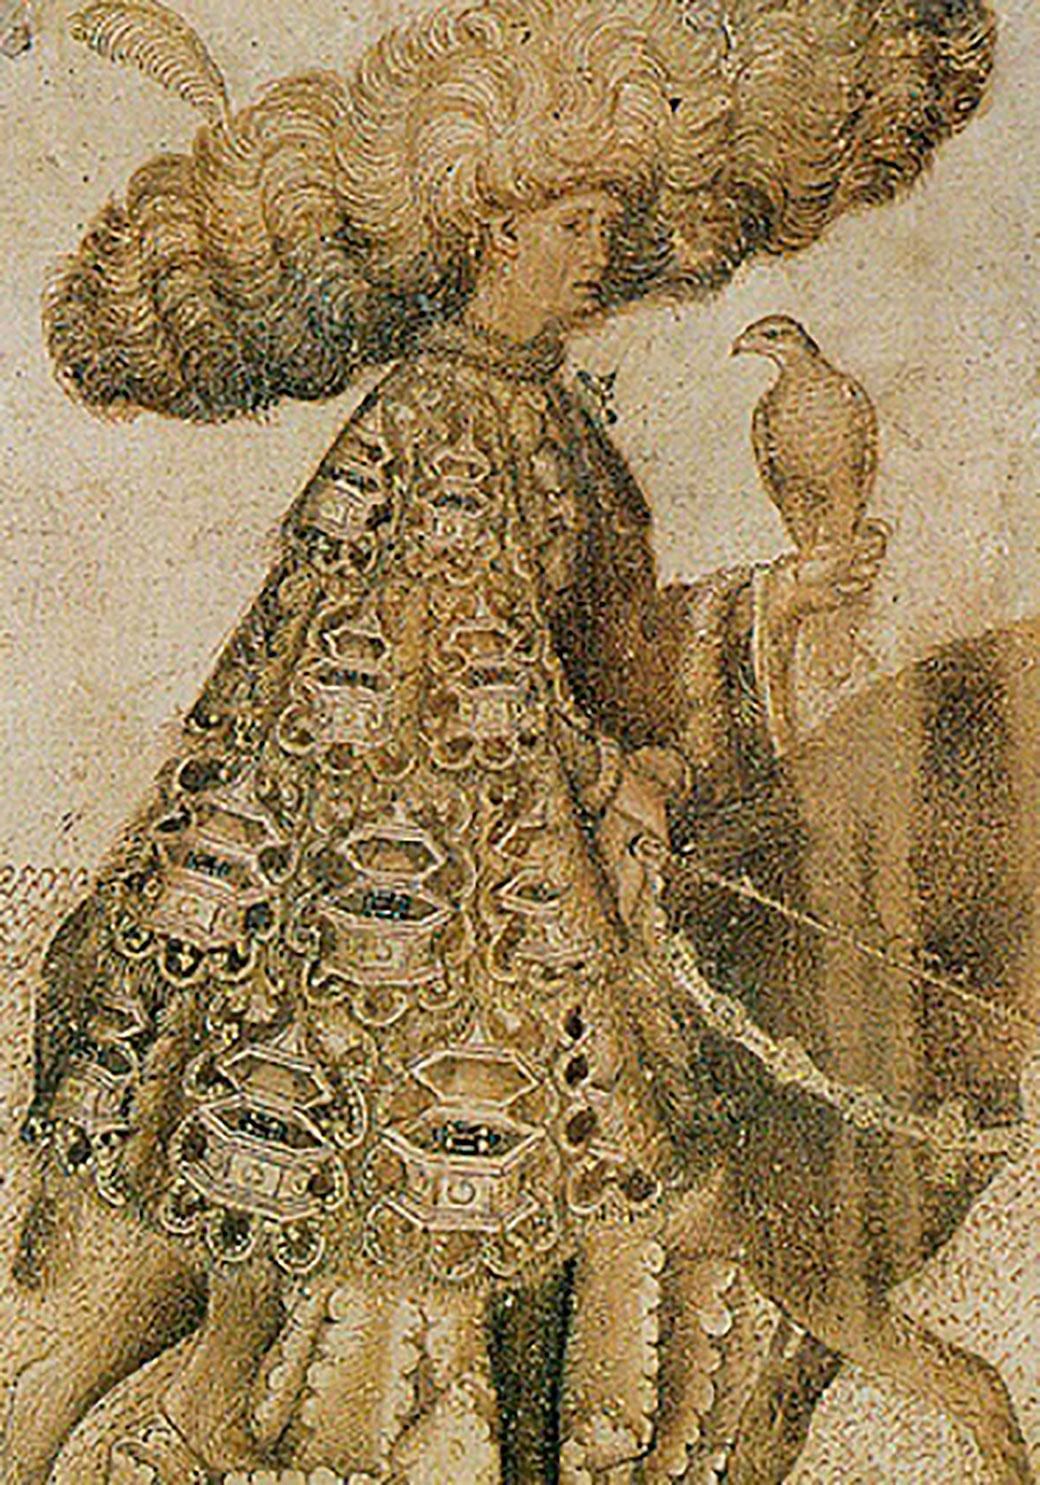 El Curial és una novel·la molt italiana per les seues fonts literàries, geografia, onomàstica, ambientació, llenguatge, etc. (dibuix del Pisanello, dècada del 1440).